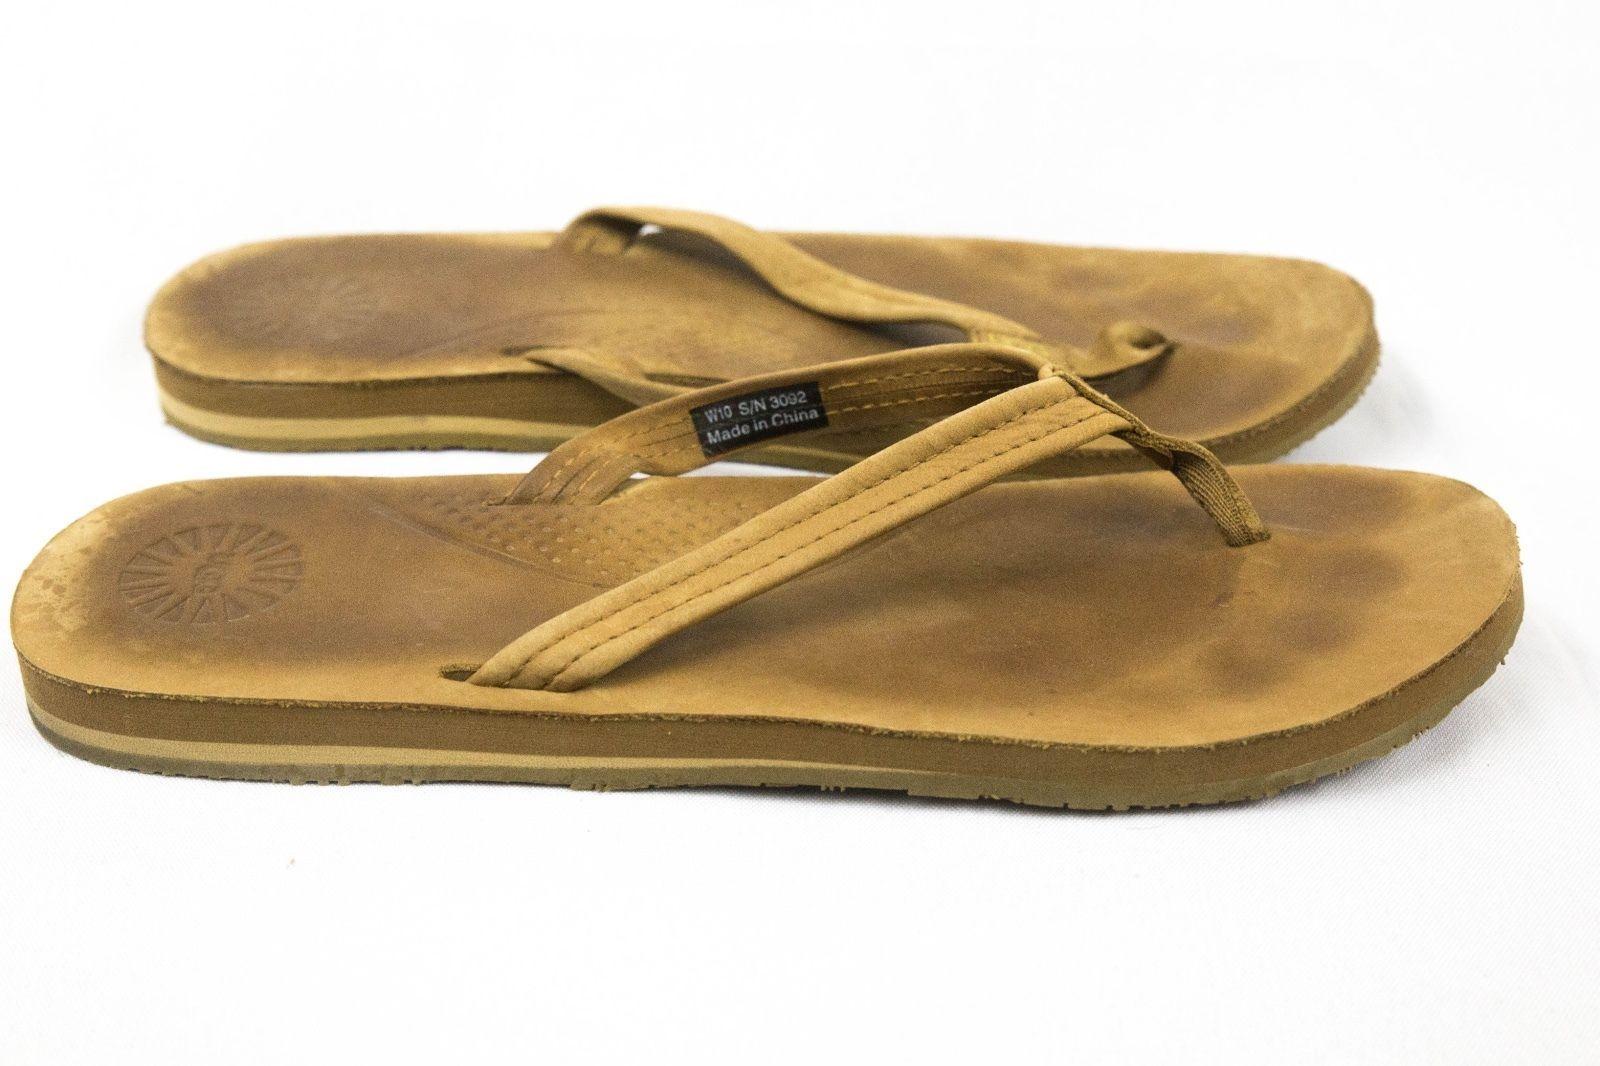 58e213d9c Ugg Australia Flip Flops - cheap watches mgc-gas.com